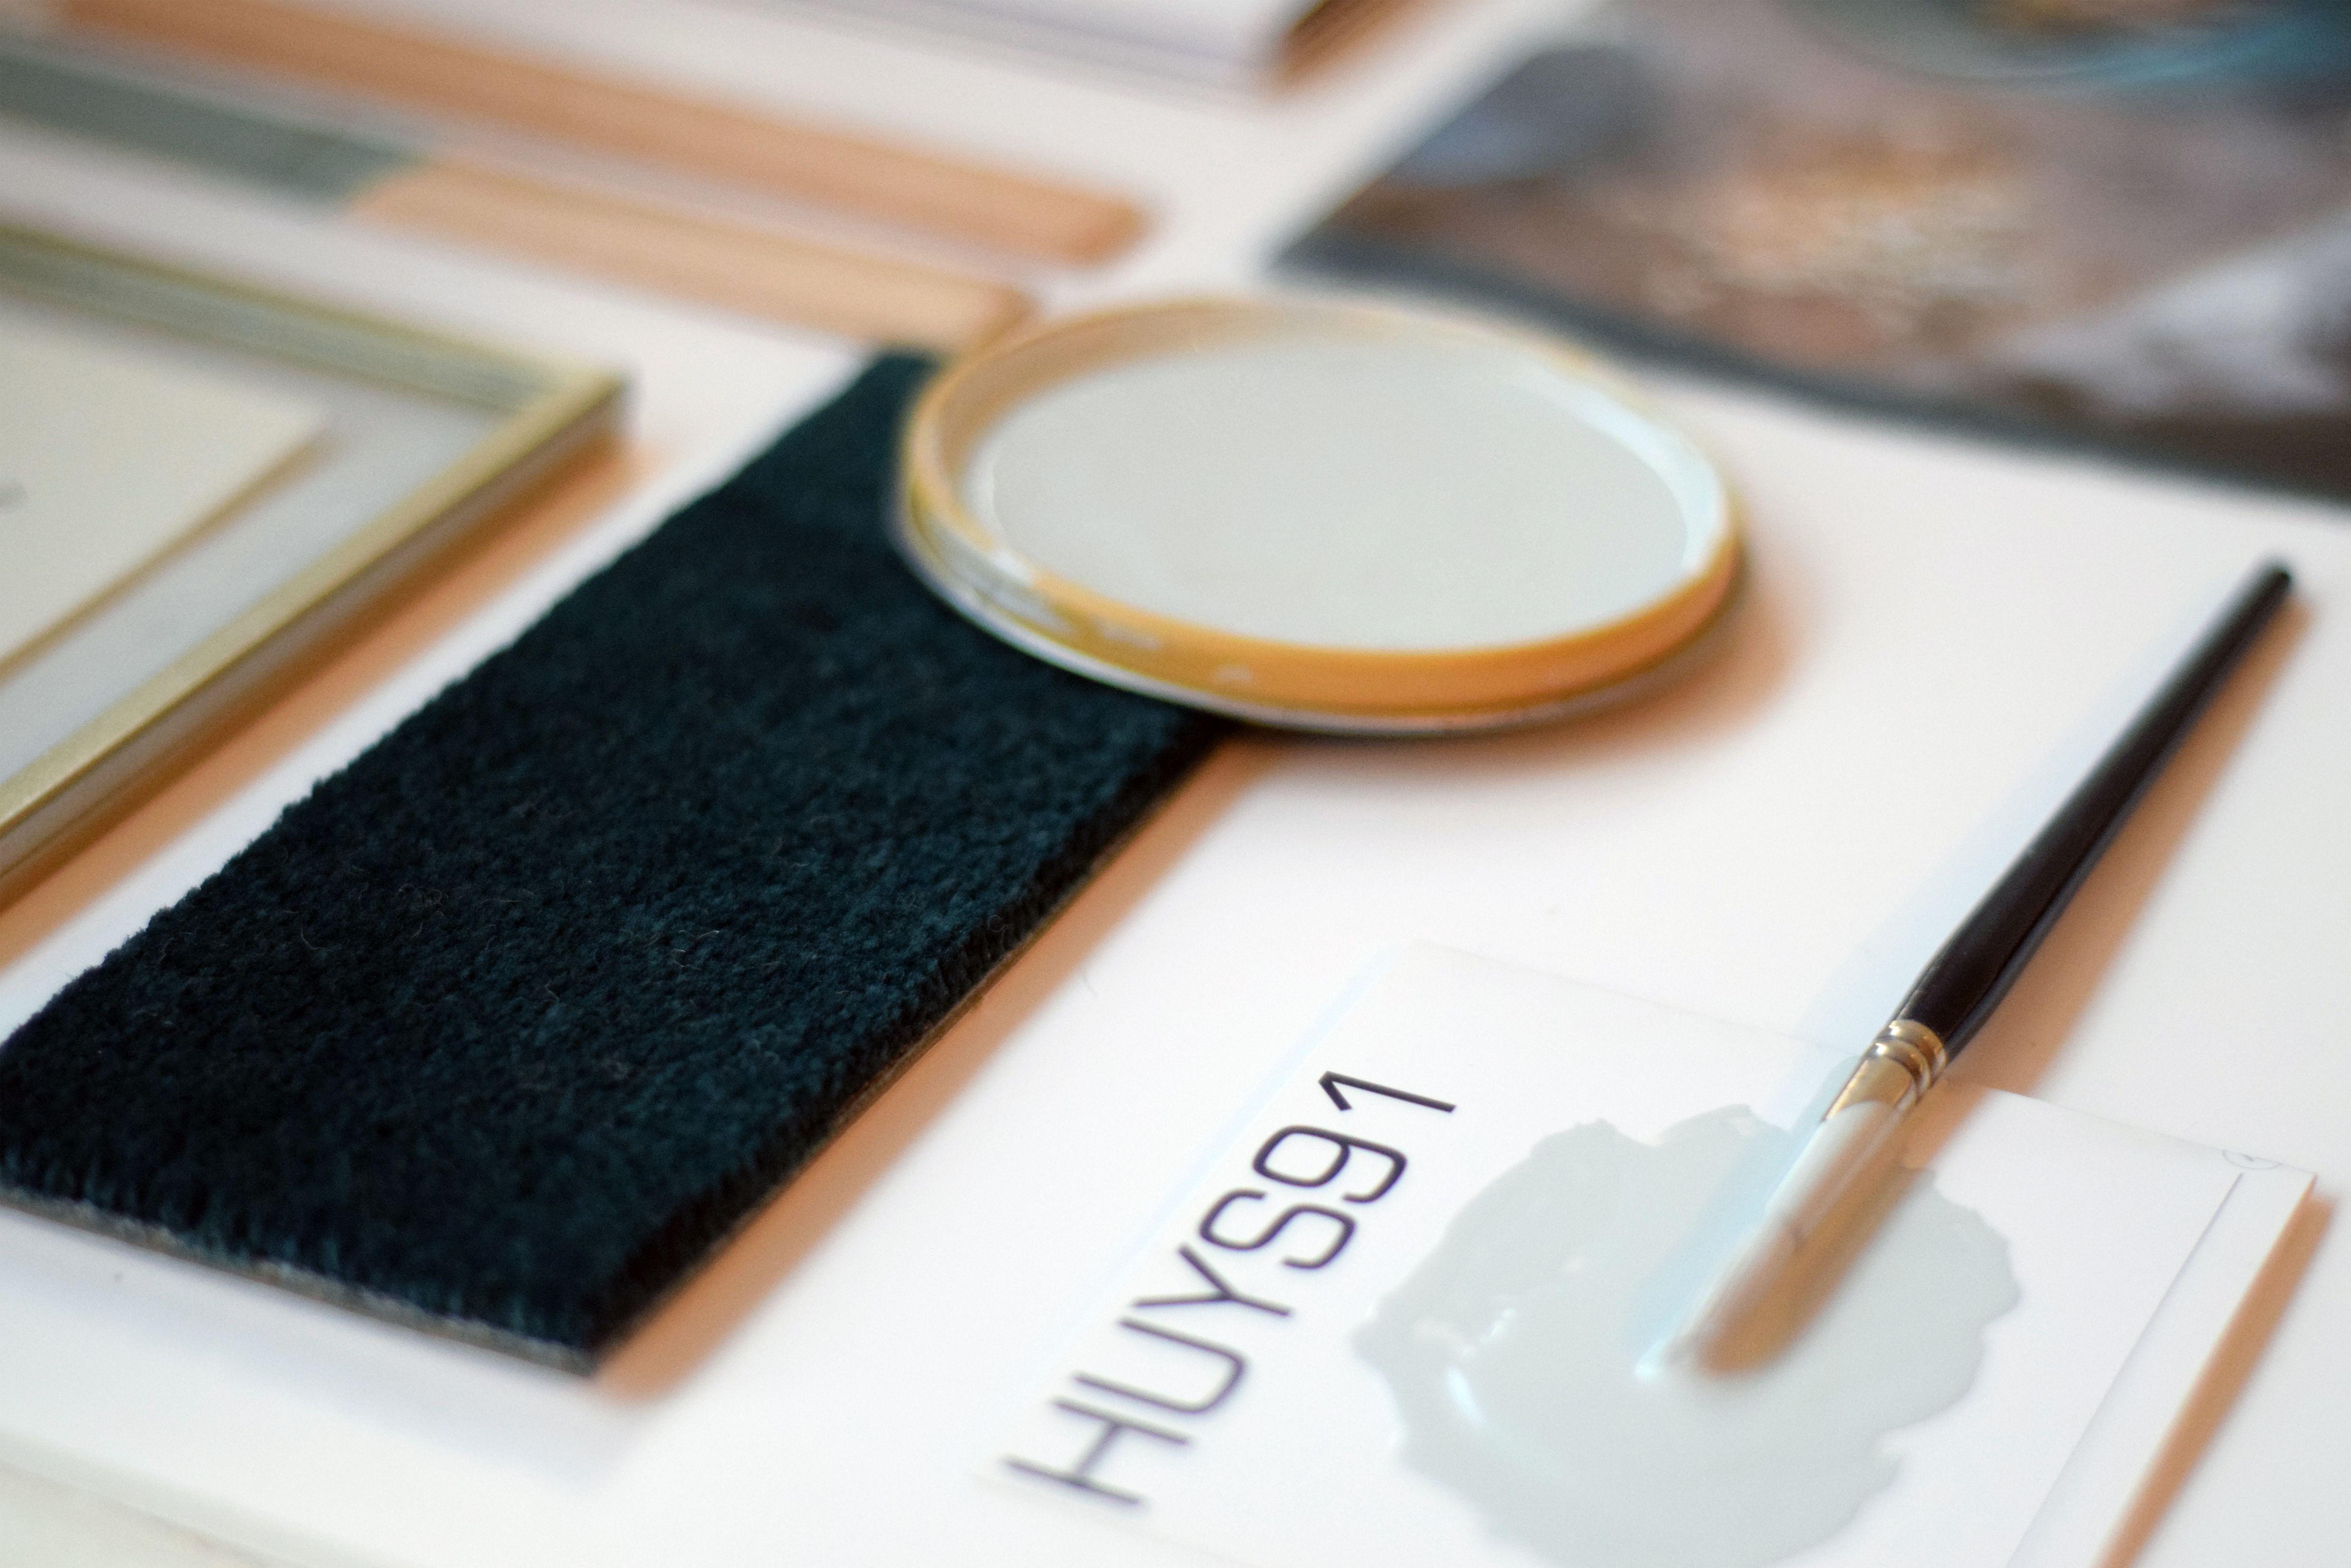 Blog Pure & Original Winterkleuren HUYS91 Thuismakers, buro voor interieurarchitectuur, conceptontwikkeling en ruimtelijke vormgeving